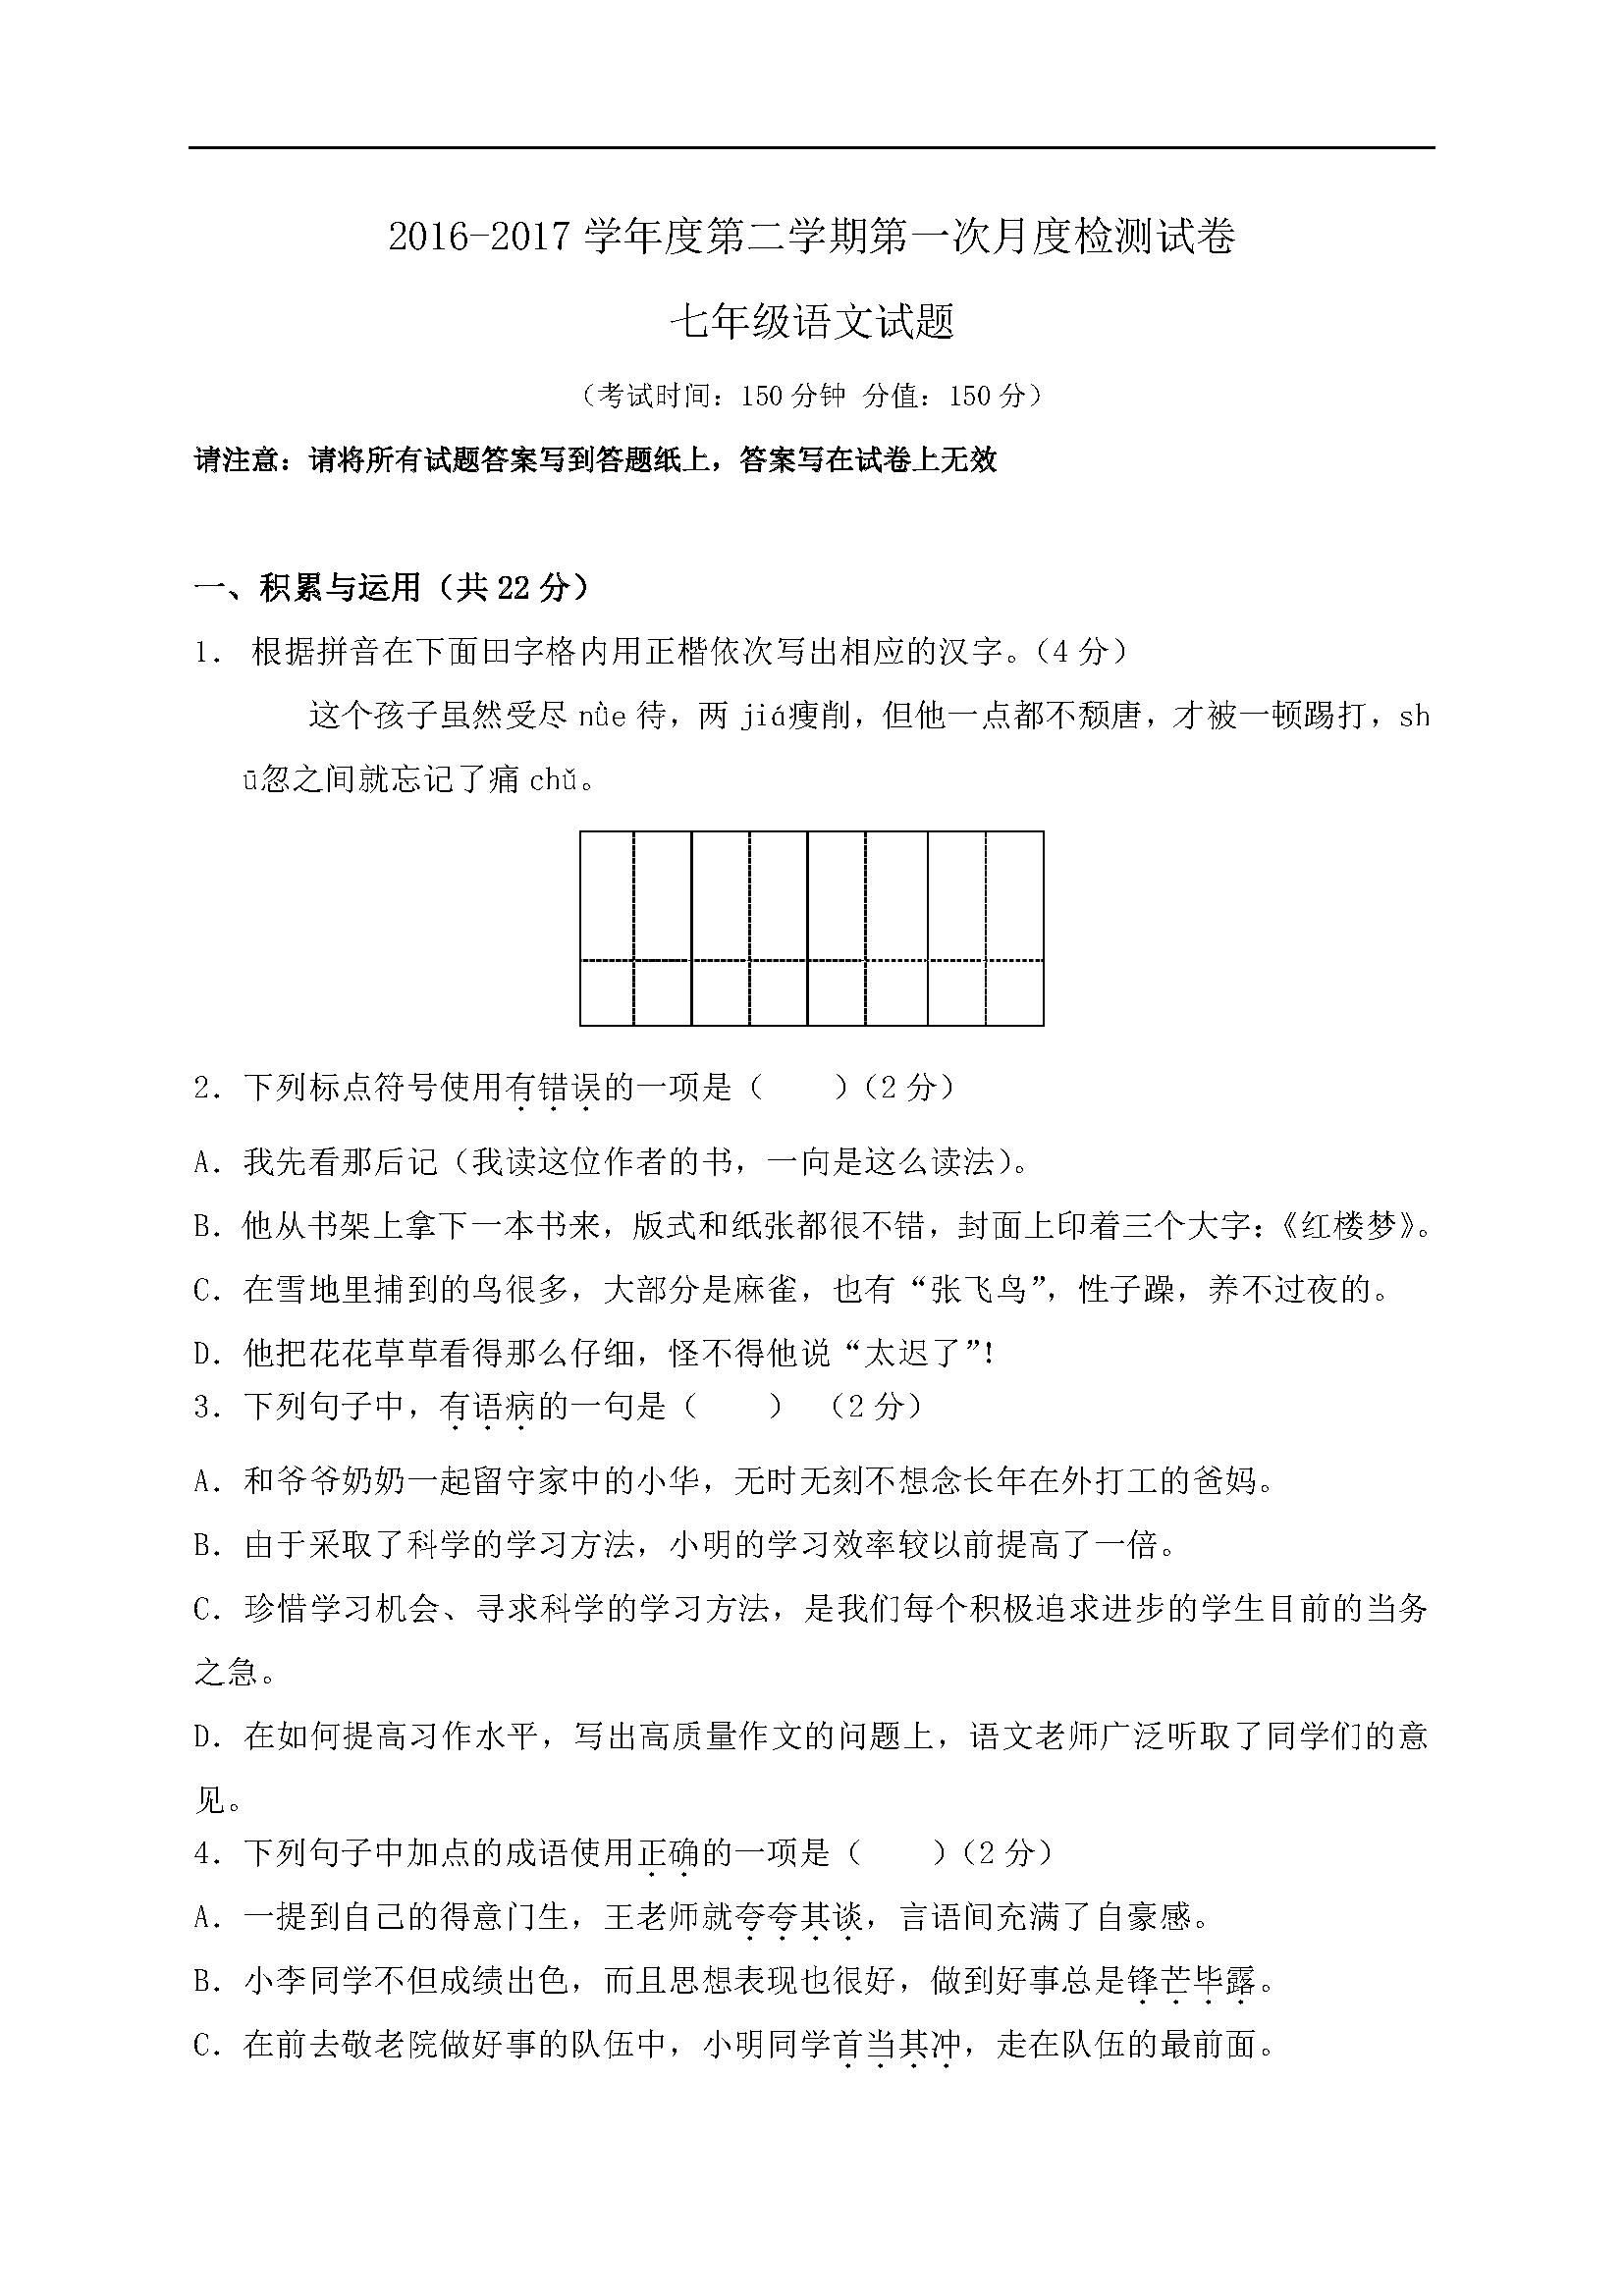 2017江苏泰州姜堰七年级下第一次月考语文试题(Word版)